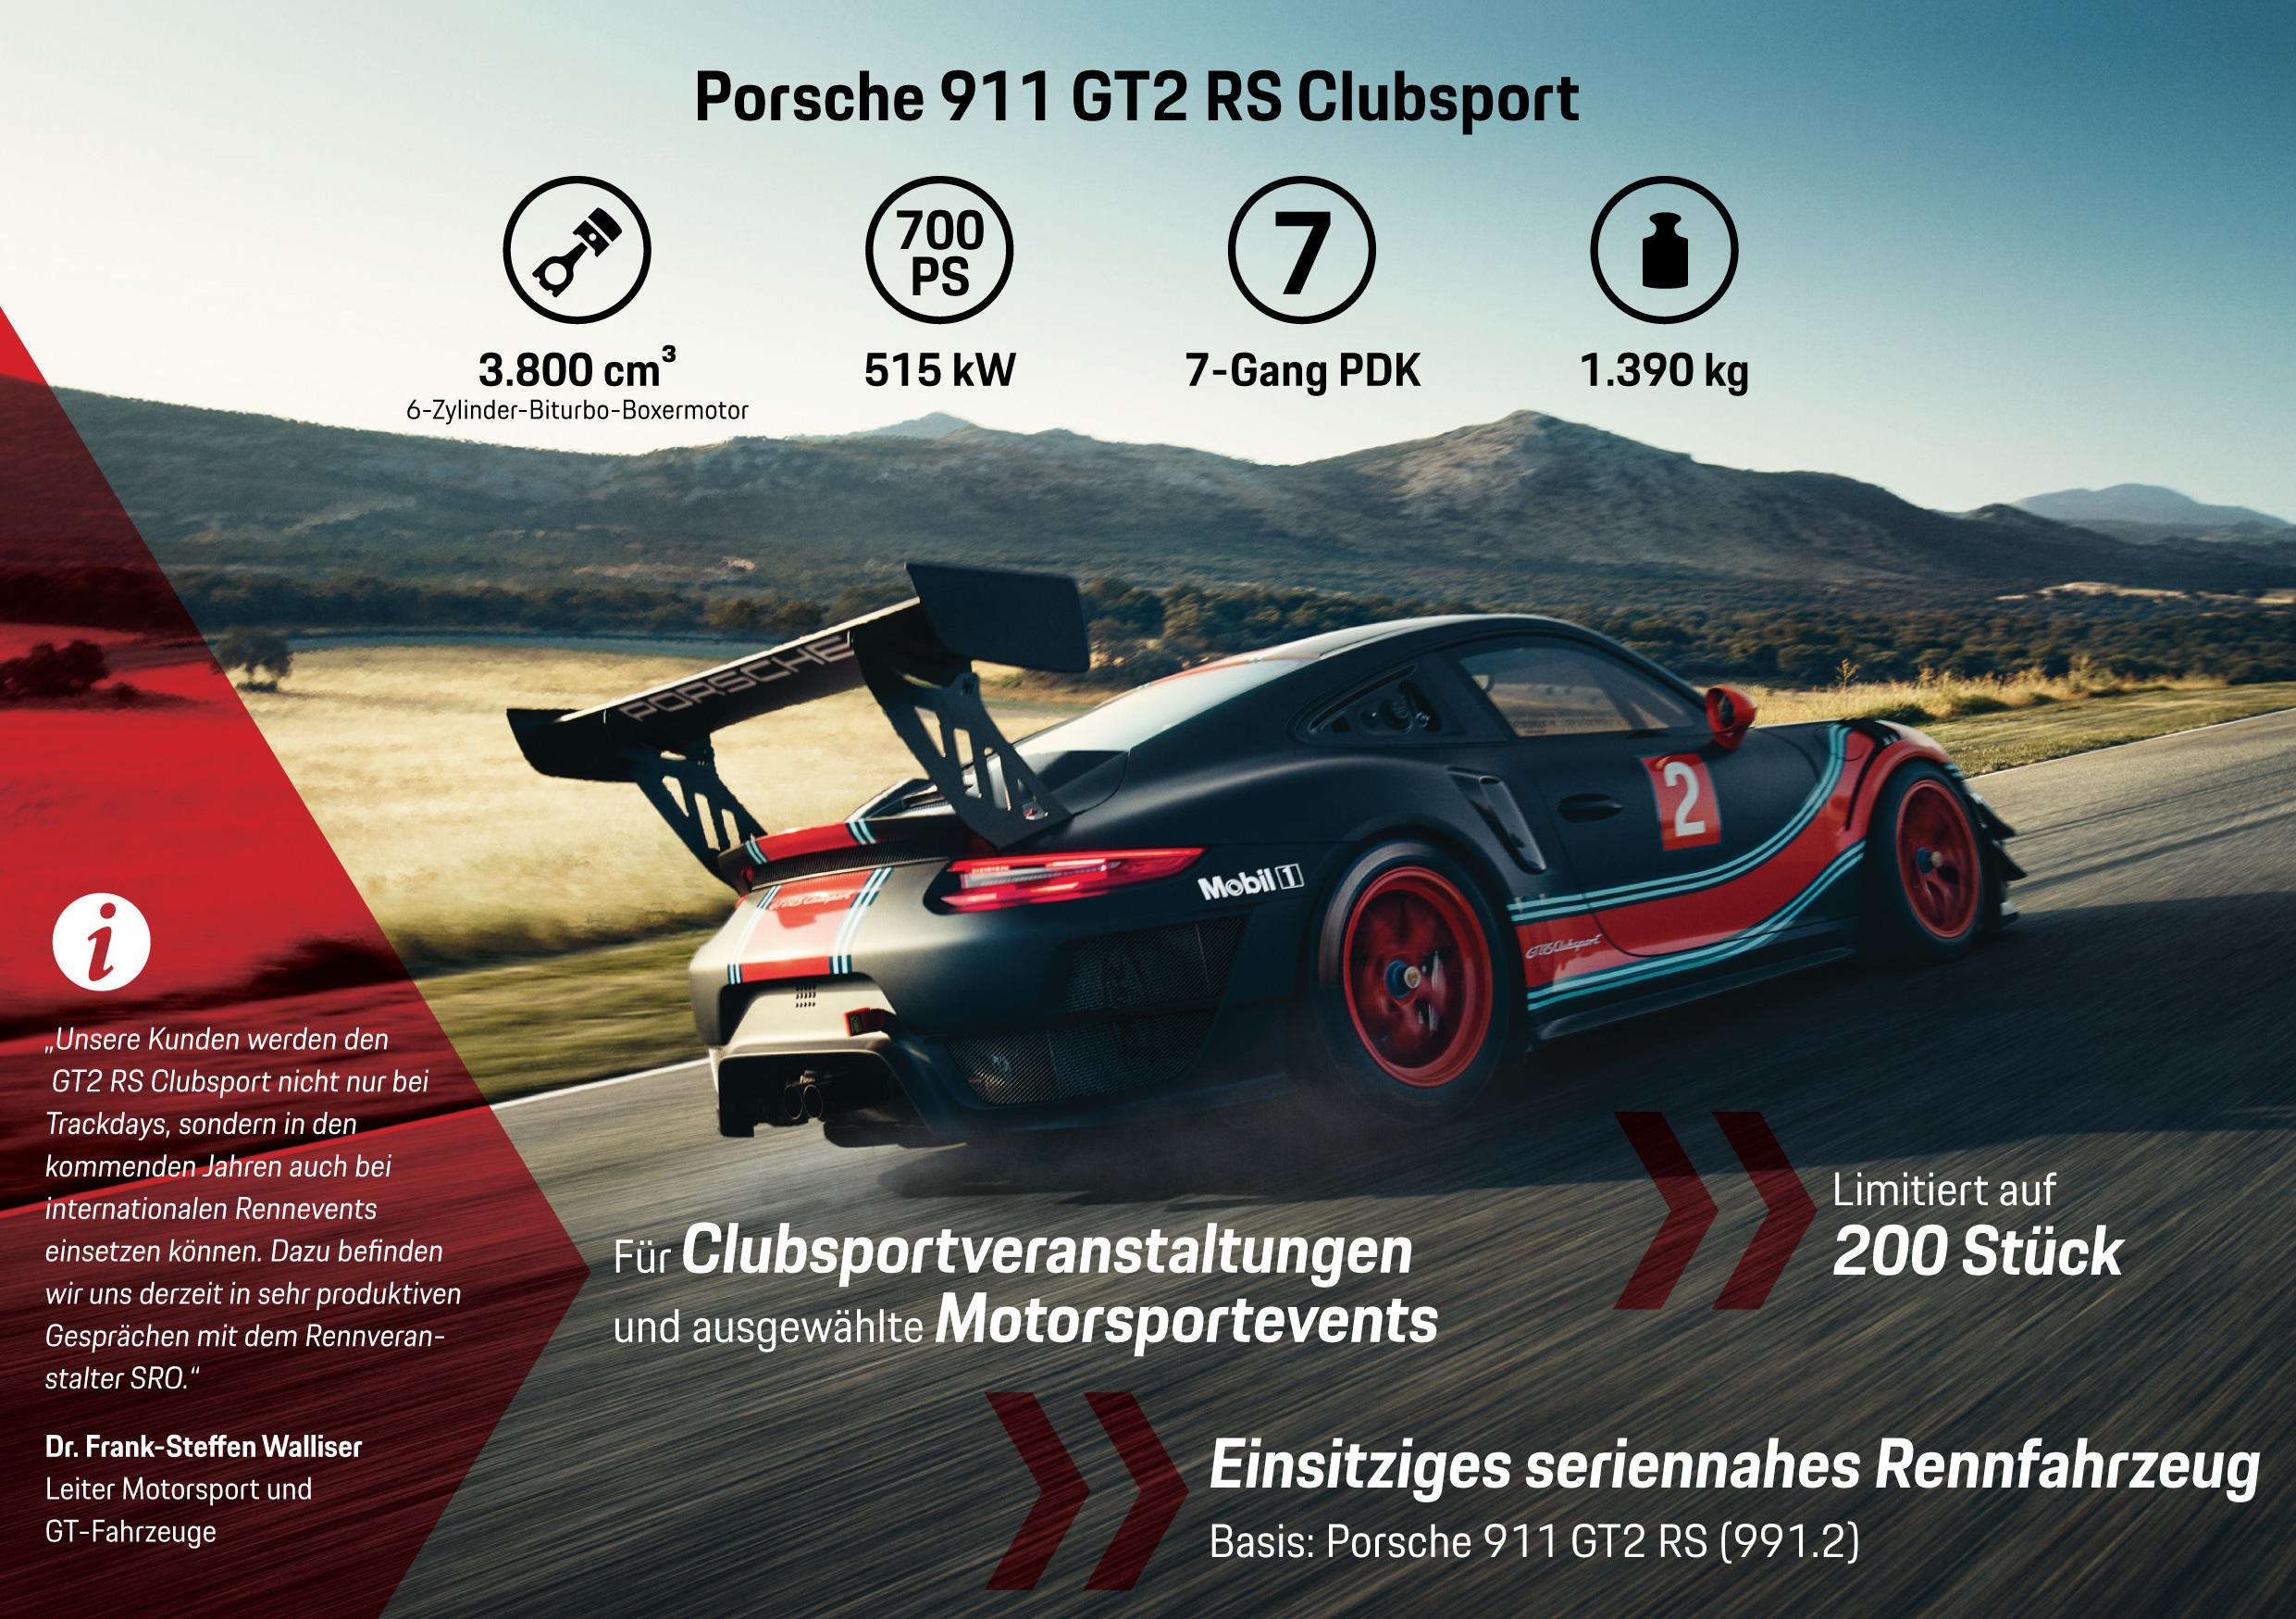 Porsche 911 GT2 RS Clubsport, Infografik, 2018, Porsche AG